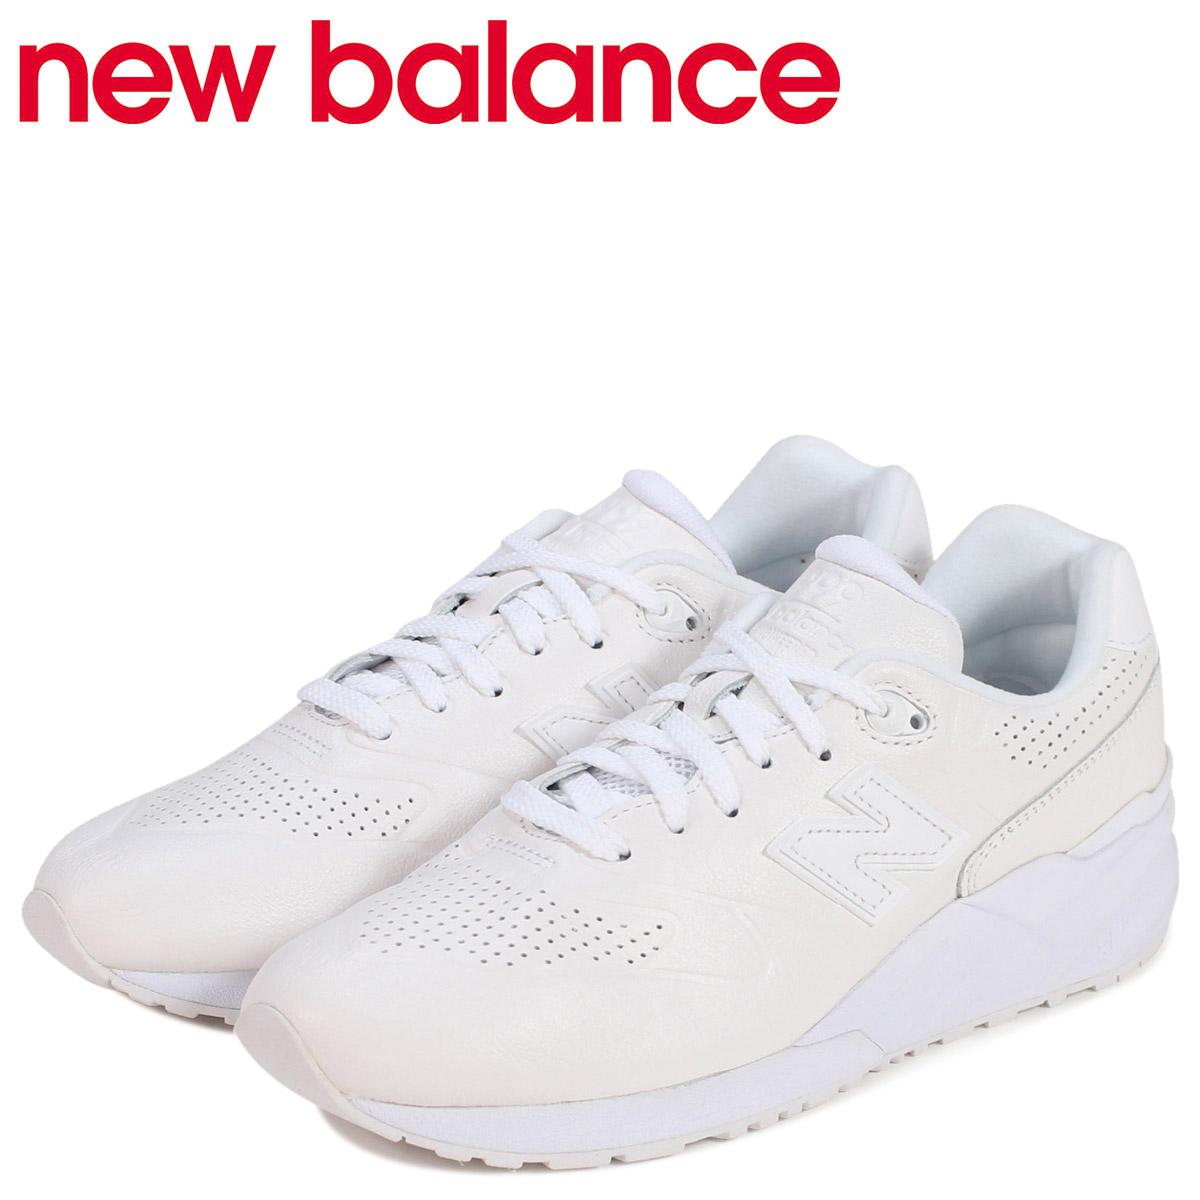 new balance orthotic shoes